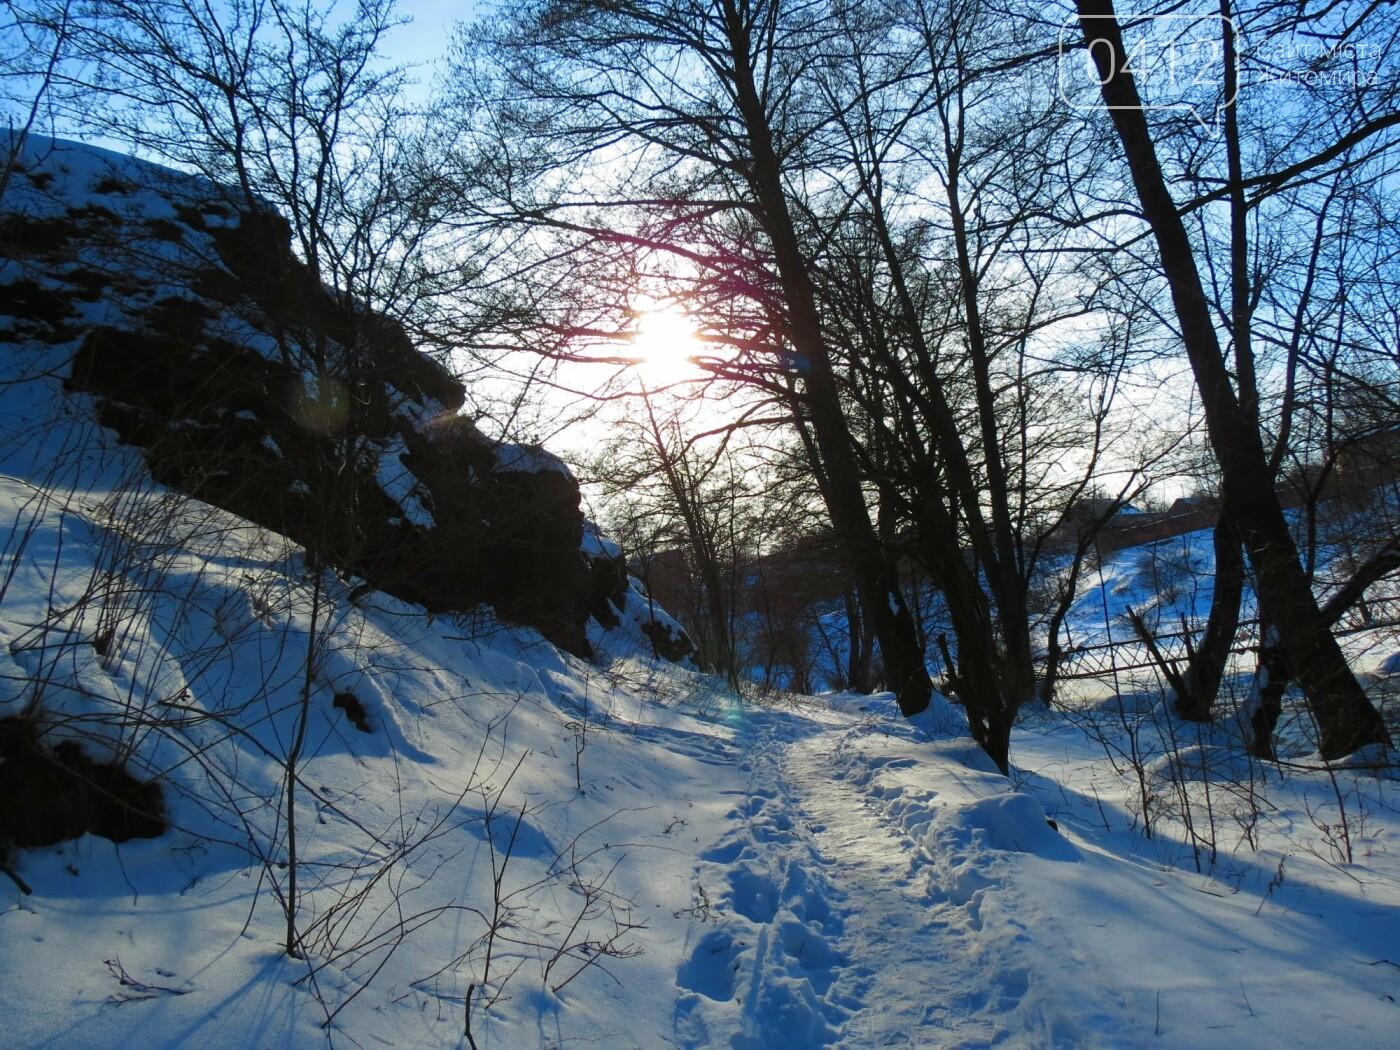 Між зимою та весною: неймовірної краси місцини в Житомирі. ФОТОРЕПОРТАЖ, фото-18